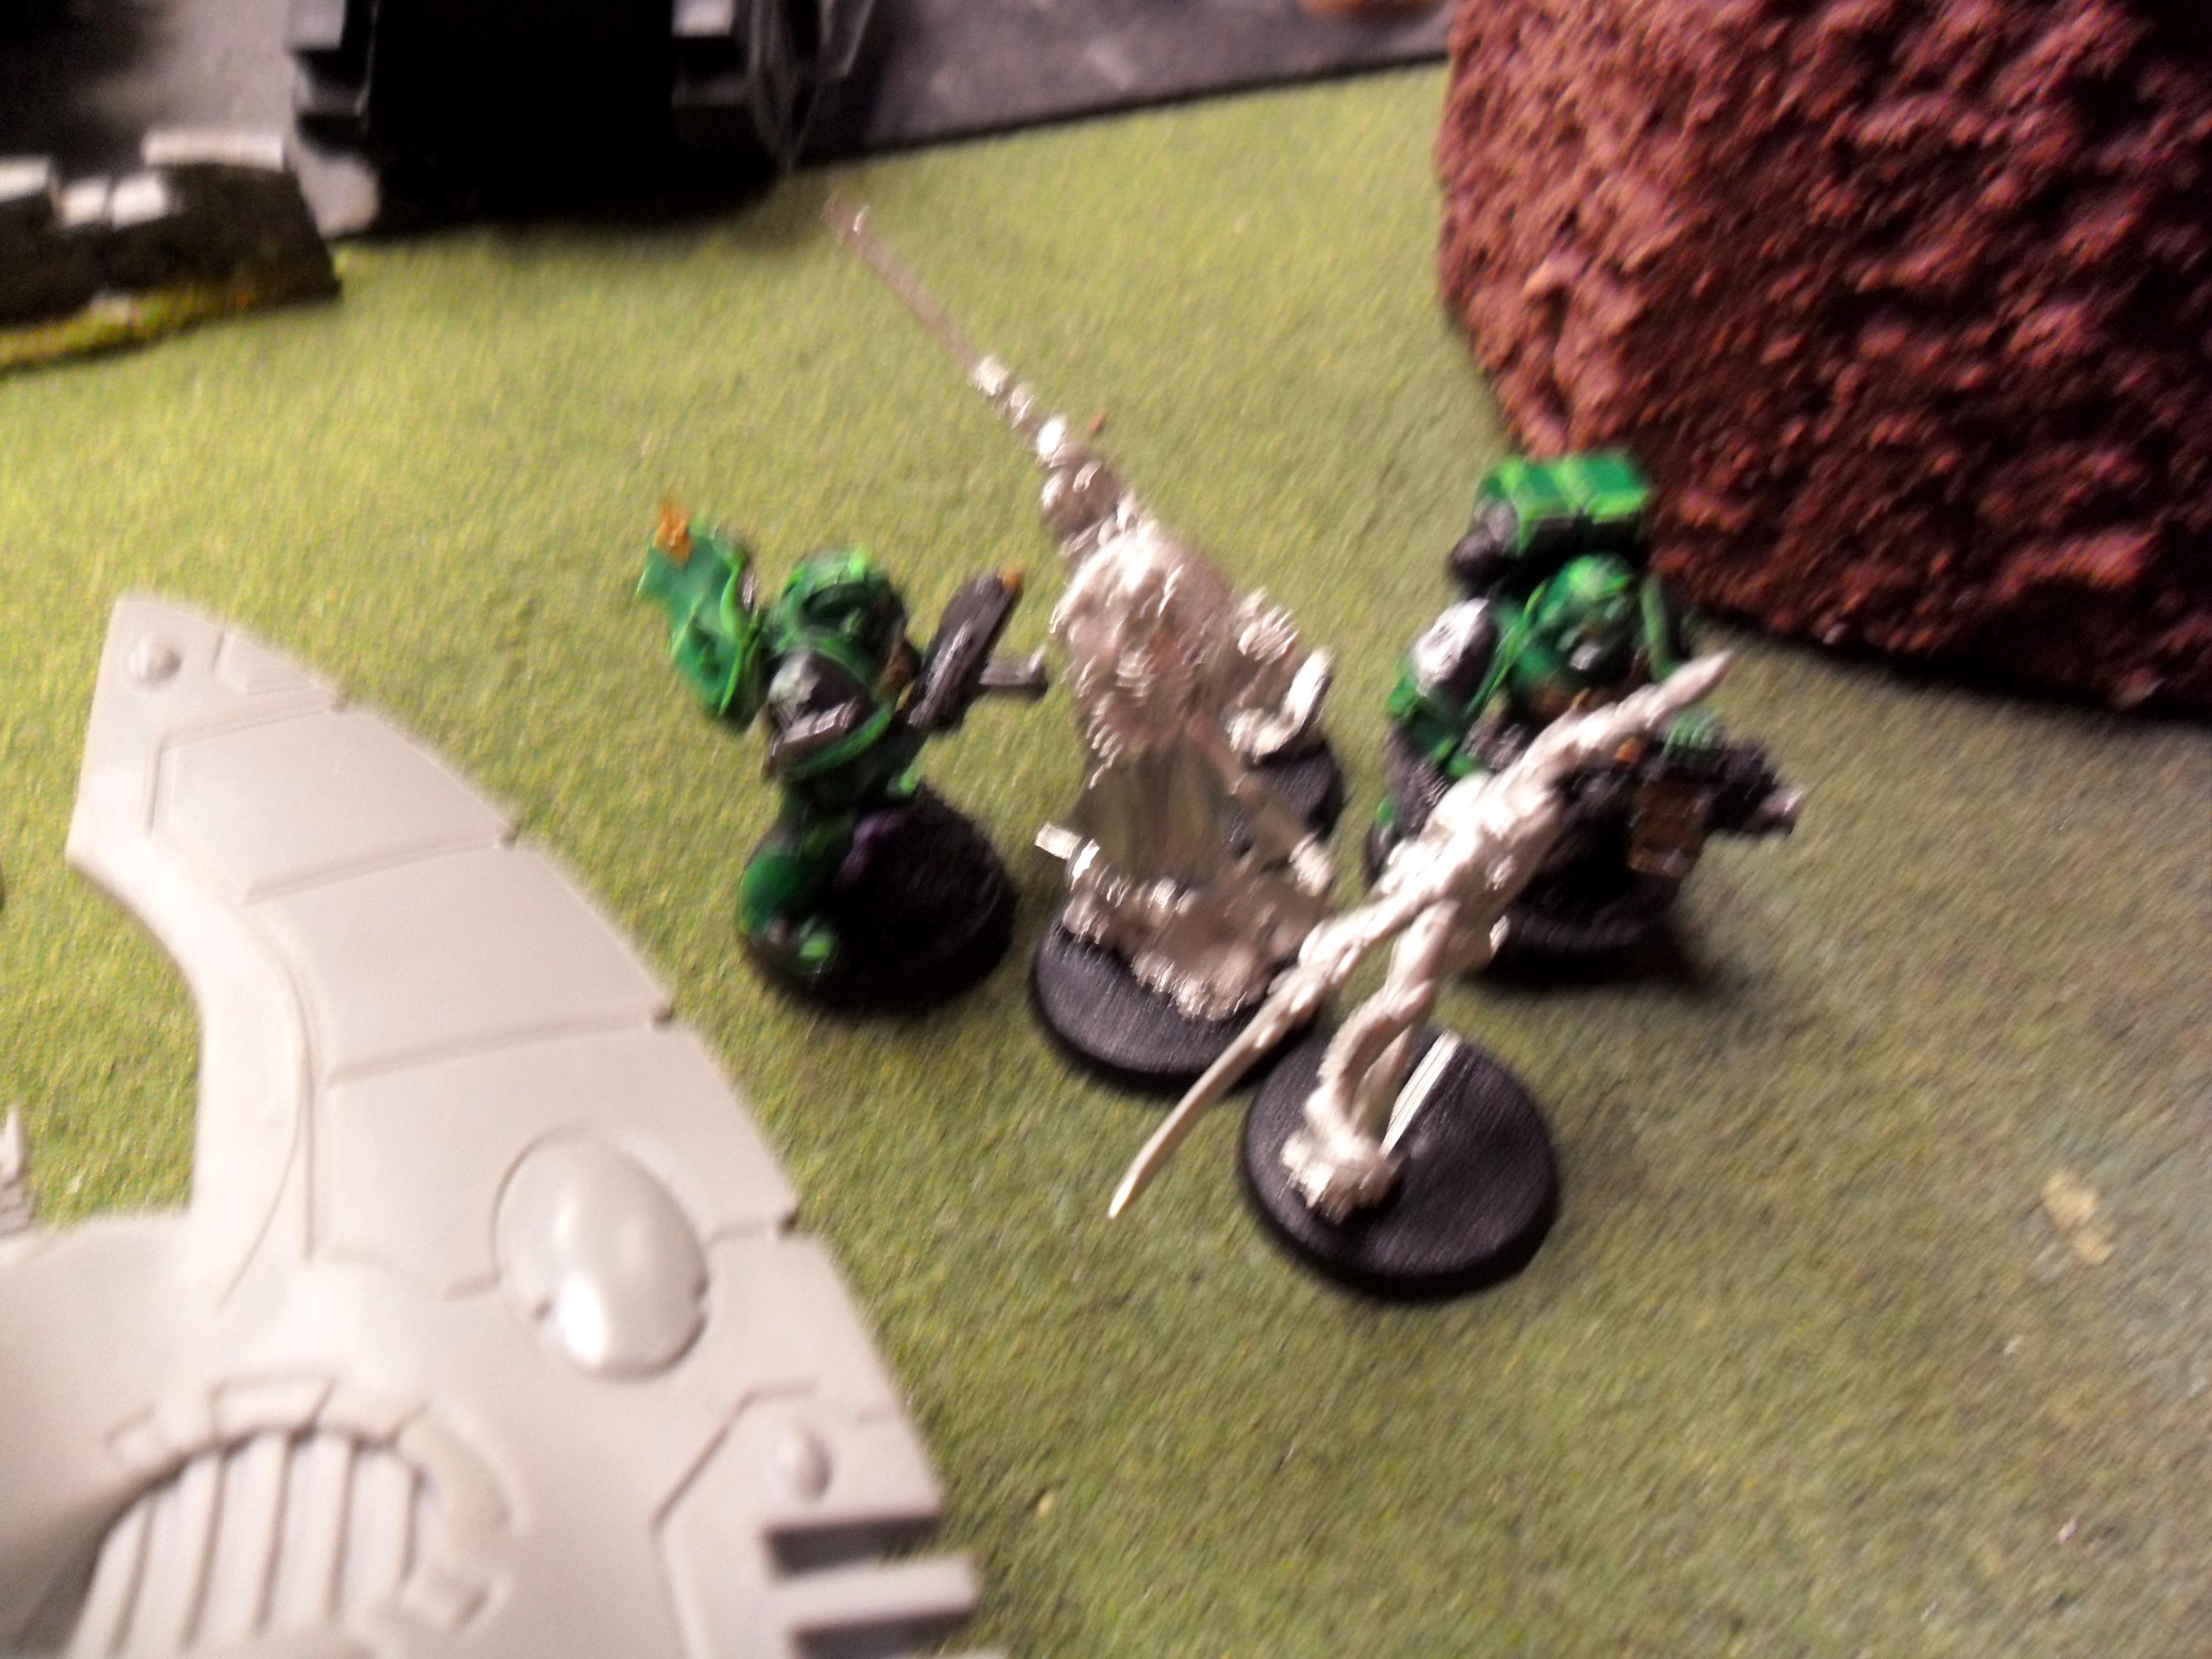 053 Eldar assault 03 05-15-11